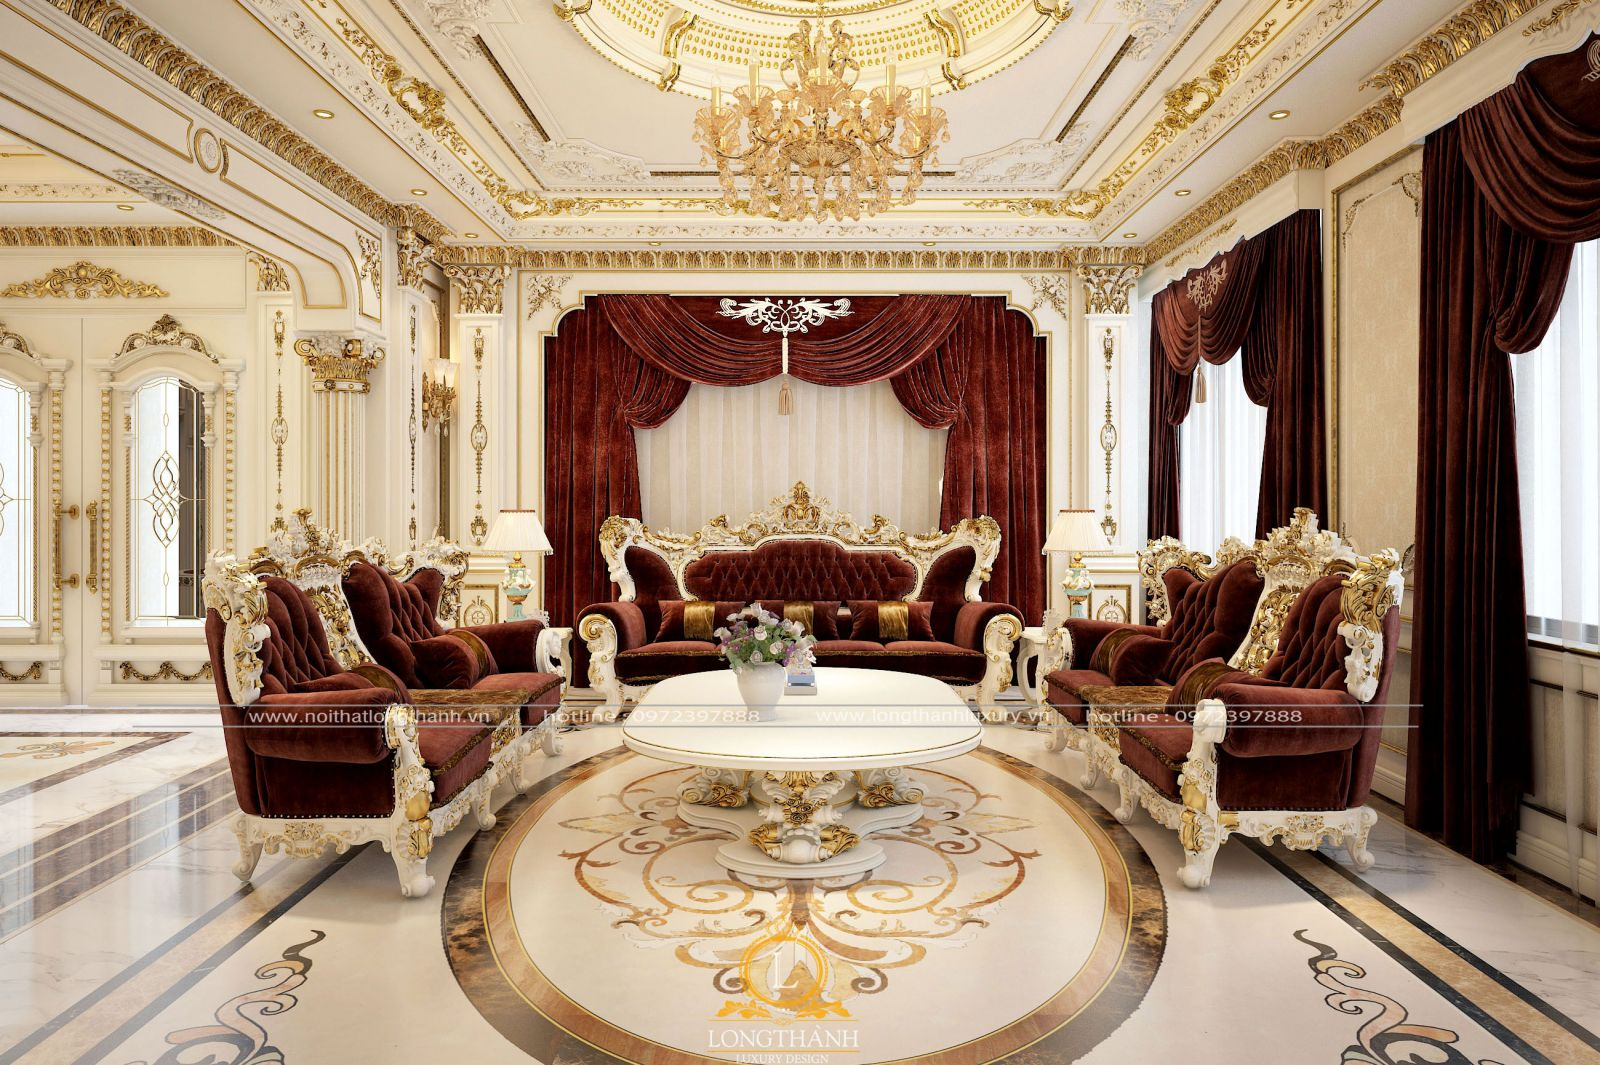 Phào chỉ mạ vàng phòng khách phong cách tân cổ điển